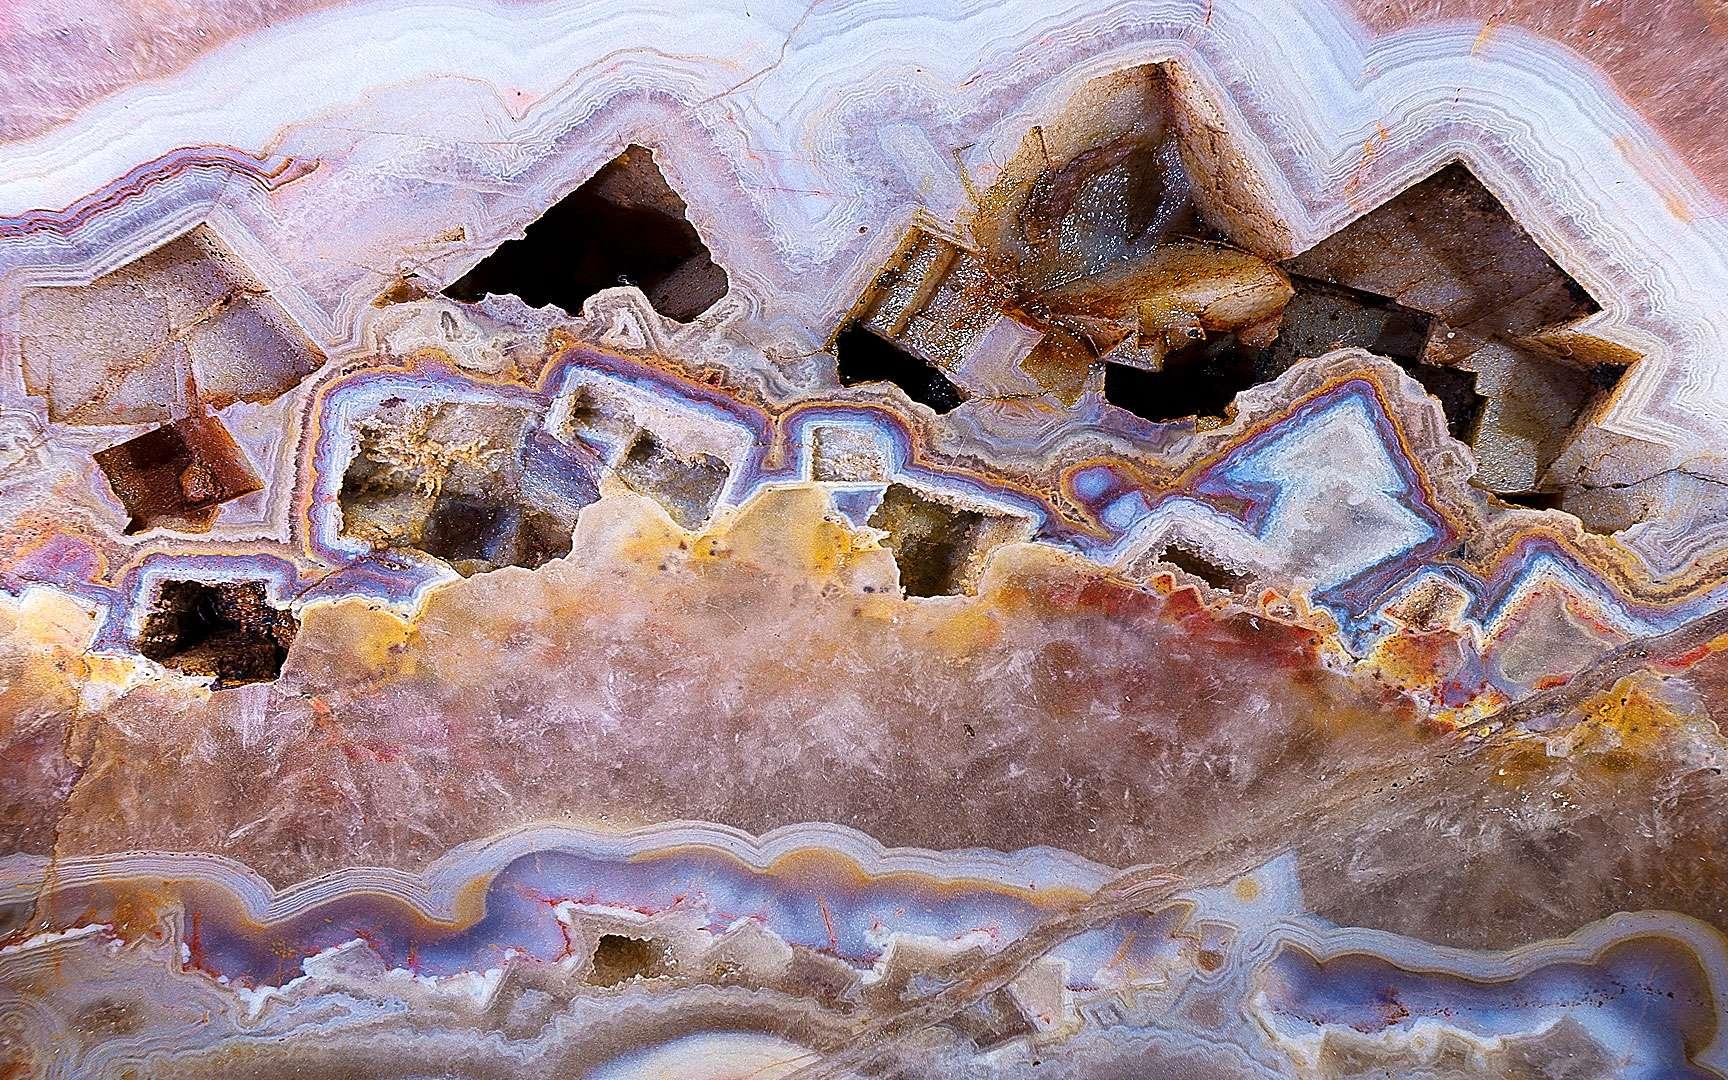 Agate du Brésil, résistante et poreuse. L'agate est une matière composée de silice et colorée par des oxydes. C'est une calcédoine ou quartz polycristallin. En fonction de leur aspect, les agates ont reçu des noms évocateurs : agate mousse, agate rubanée, agate œillée, agate festonnée, agate plume, agate arborisée, agate paysage. Caractéristiques : dureté : 6,5 à 7 échelles de Mohs/10; densité : 2.58-2.65 ; composition : SiO2 ;classe cristalline : quartz ; variété : calcédoine ;système cristallin : trigonal/microcristallin ; propriétés optiques : indice de réfraction : 1.530-1.540 ; biréfringence : 0,009 à 0.004 ; signe optique : biaxe positif ; polychroïsme : néant. Entretien : pas d'entretien particulier. Eau savonneuse. Traitement : les caractéristiques physiques des agates, à la fois résistantes et poreuses, ont facilité depuis longtemps leur traitement. Le premier témoignage de Pline décrivait la coloration en noir des agates pour leur donner l'aspect de l'onyx, plus prisé. Le traitement thermique des agates accentue les teintes allant de l'orangé au rouge. La teinture : plusieurs procédés sont utilisés. Après un choc thermique ou chimique, l'agate acceptera plus facilement la teinture sous forme d'encre ou de colorant. Après une montée en température dans du bicarbonate HCO3, une solution chimique donnera la teinte : noir : sucre puis acide sulfurique (2H3O) + (SO42) ;brun : sucre + traitement thermique ; bleu : réaction de la potasse sur du sulfate de fer : potasse de prusse jaune + sulfate de fer ; vert : Acide de chrome H2CrO4 ou nitrate de nickel (Ni(NO3)2, 6H2O) ;rouge : nitrate de fer Fe(NO3). © Bruno Cupillard, aventures-cristallines.fr, tous droits réservés.